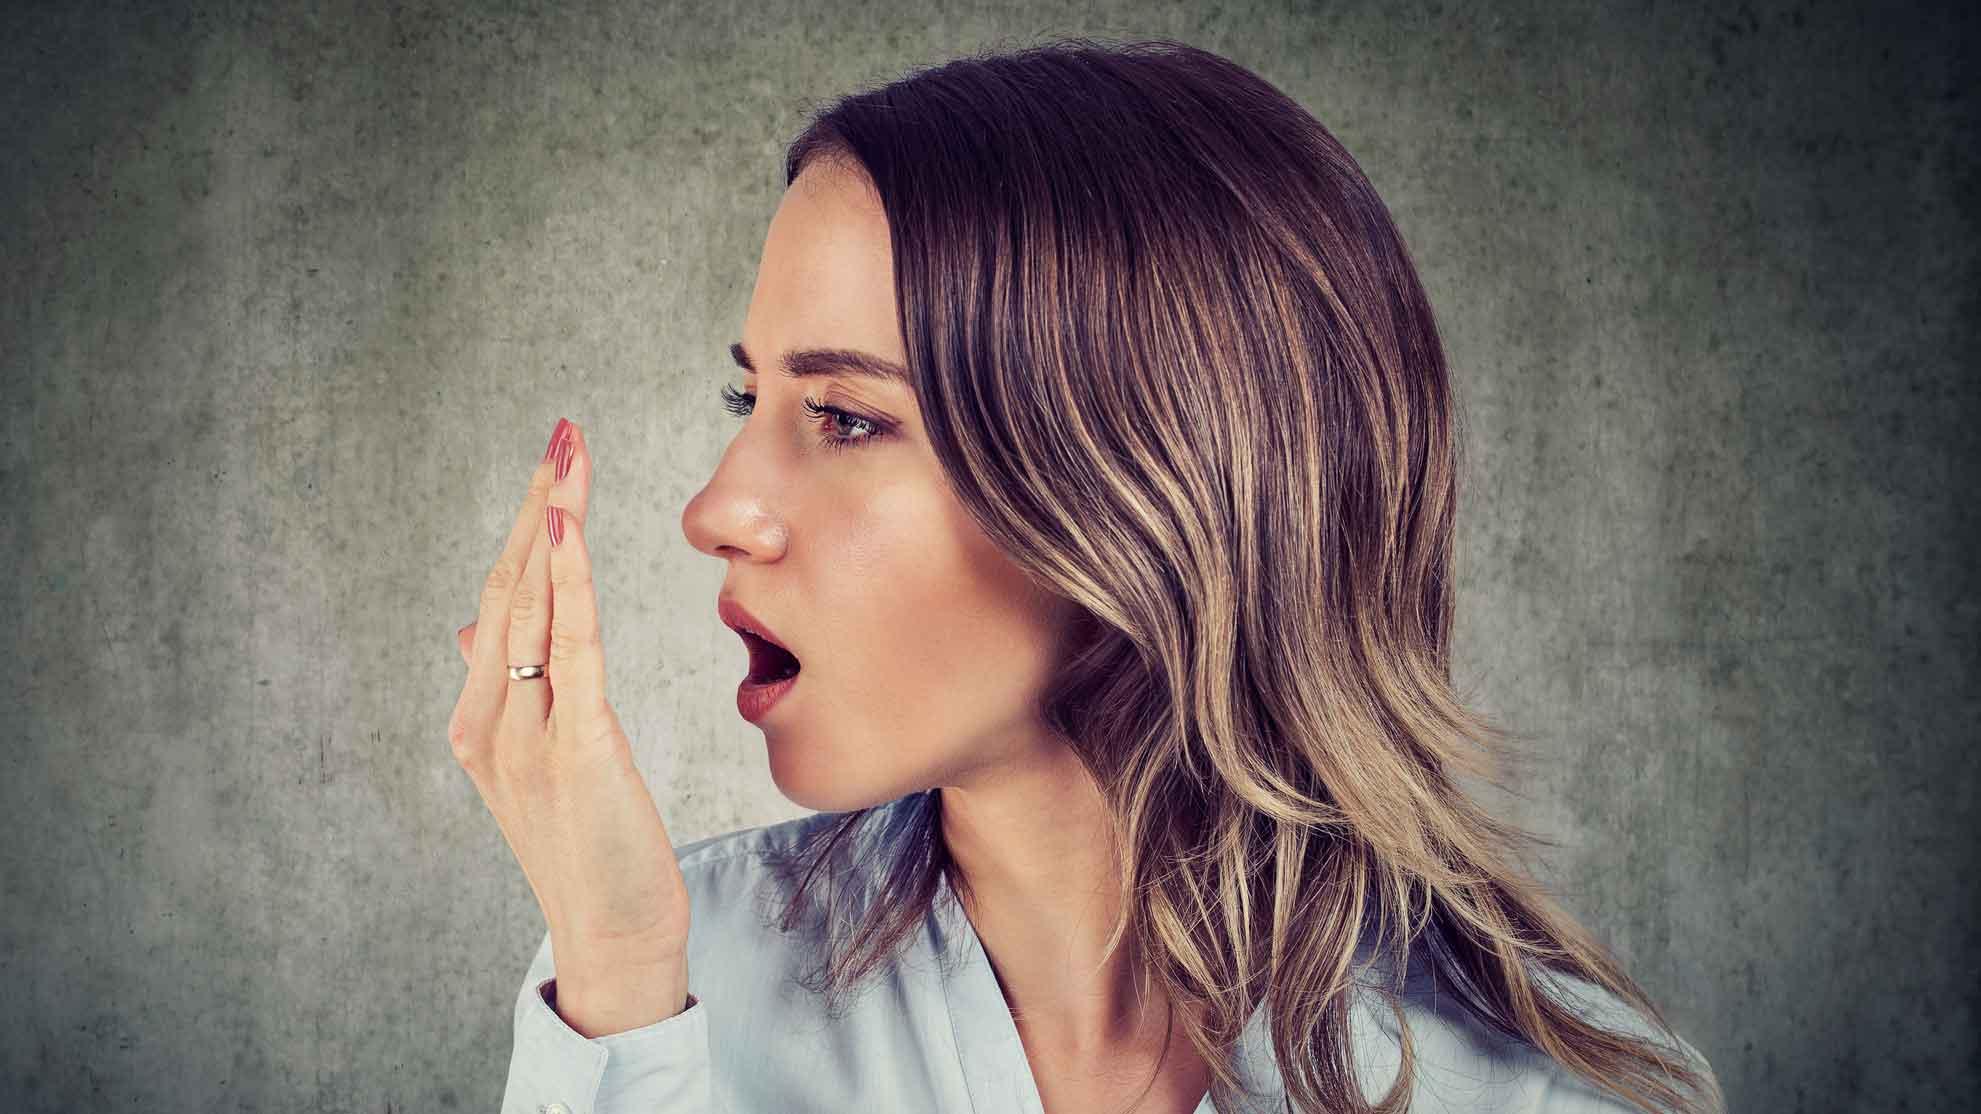 Ingwer vertreibt Mundgeruch